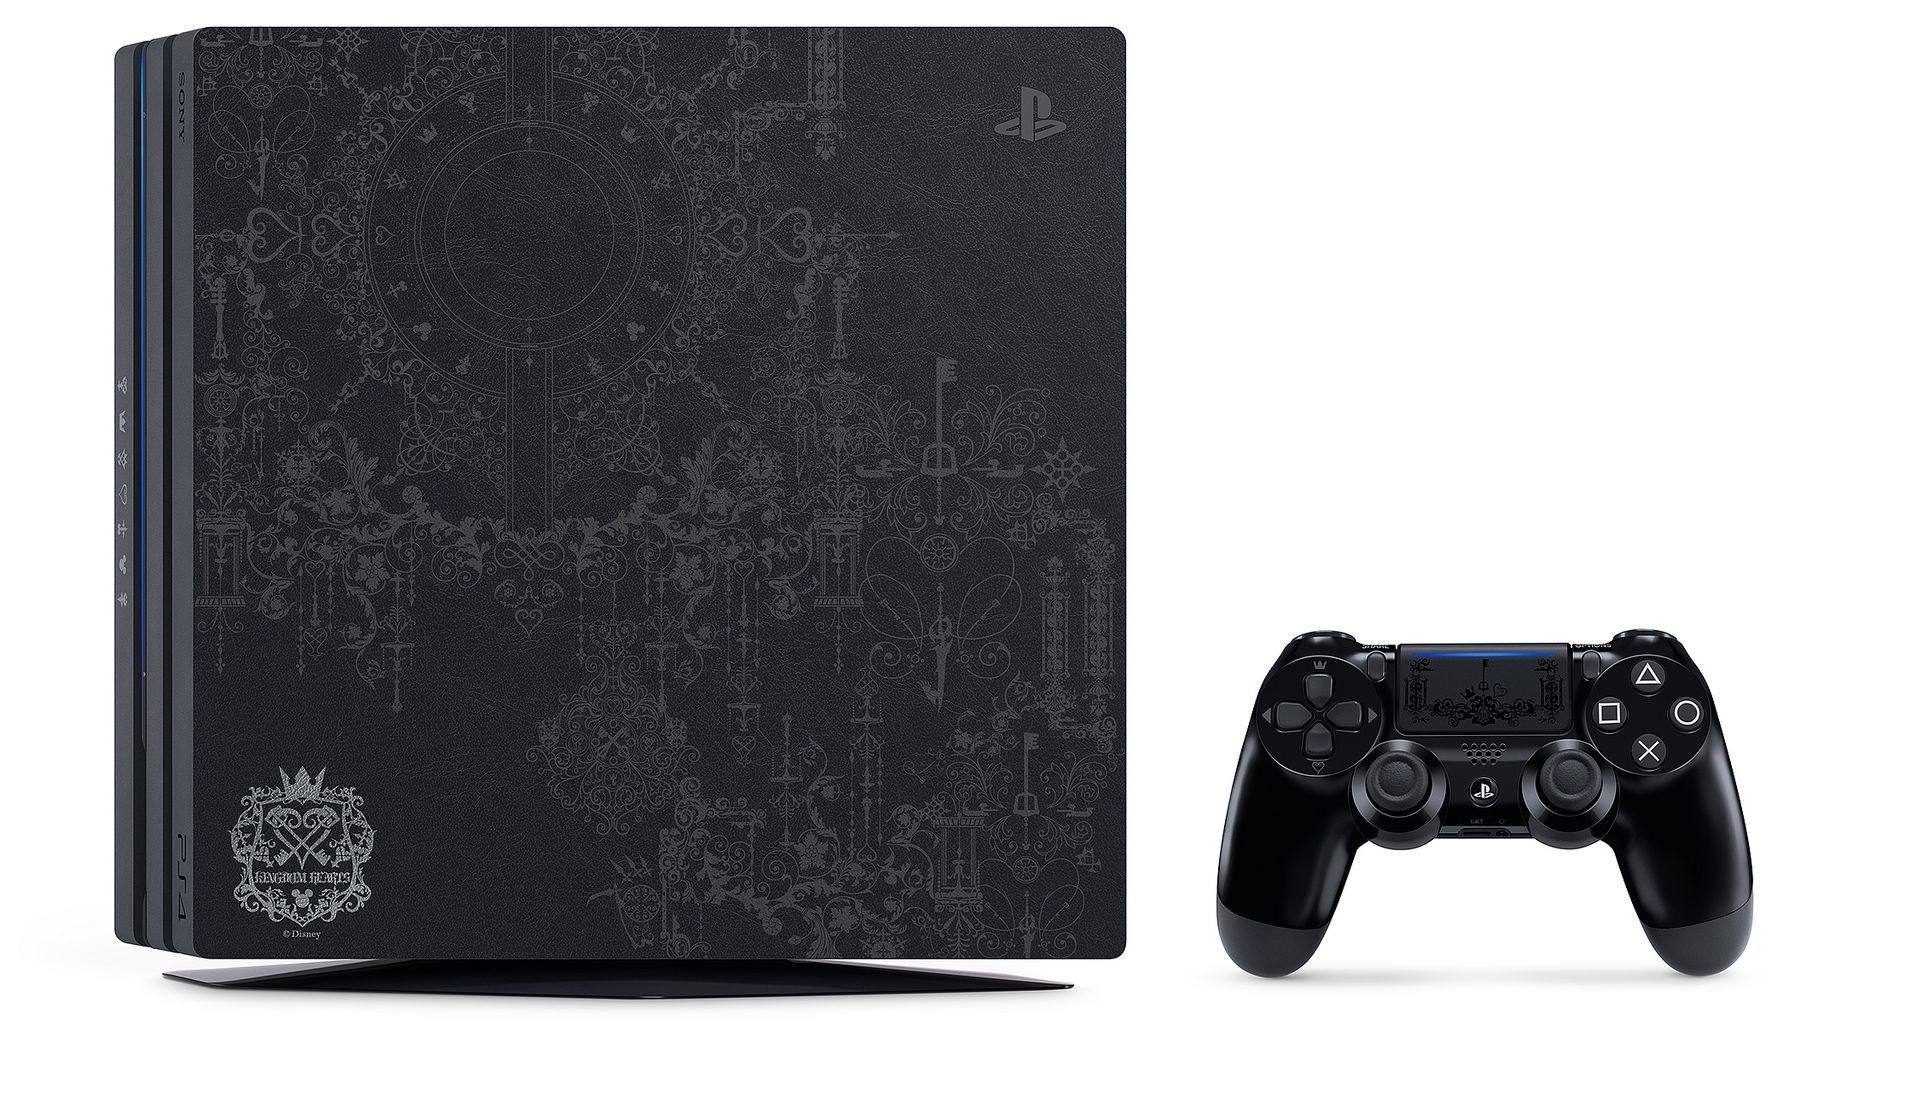 Royaume Coeurs 3 édition PS4 Pro annoncée